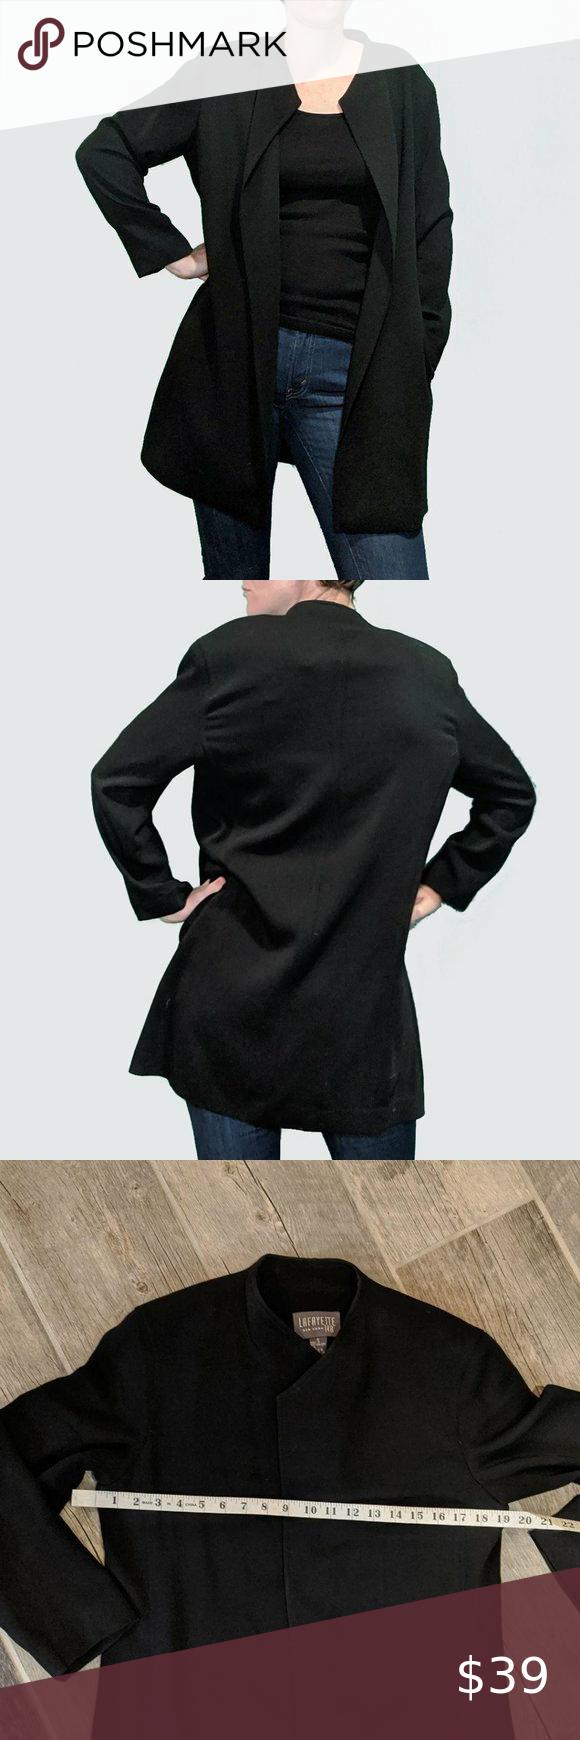 Lafayette 148 Wool Jacket Black Long Vintage Sz 6 Vintage Long Black Dress Jacket Open Front By Lafeyette 148 S Black Dress Jacket Wool Jacket Long Black Dress [ 1740 x 580 Pixel ]